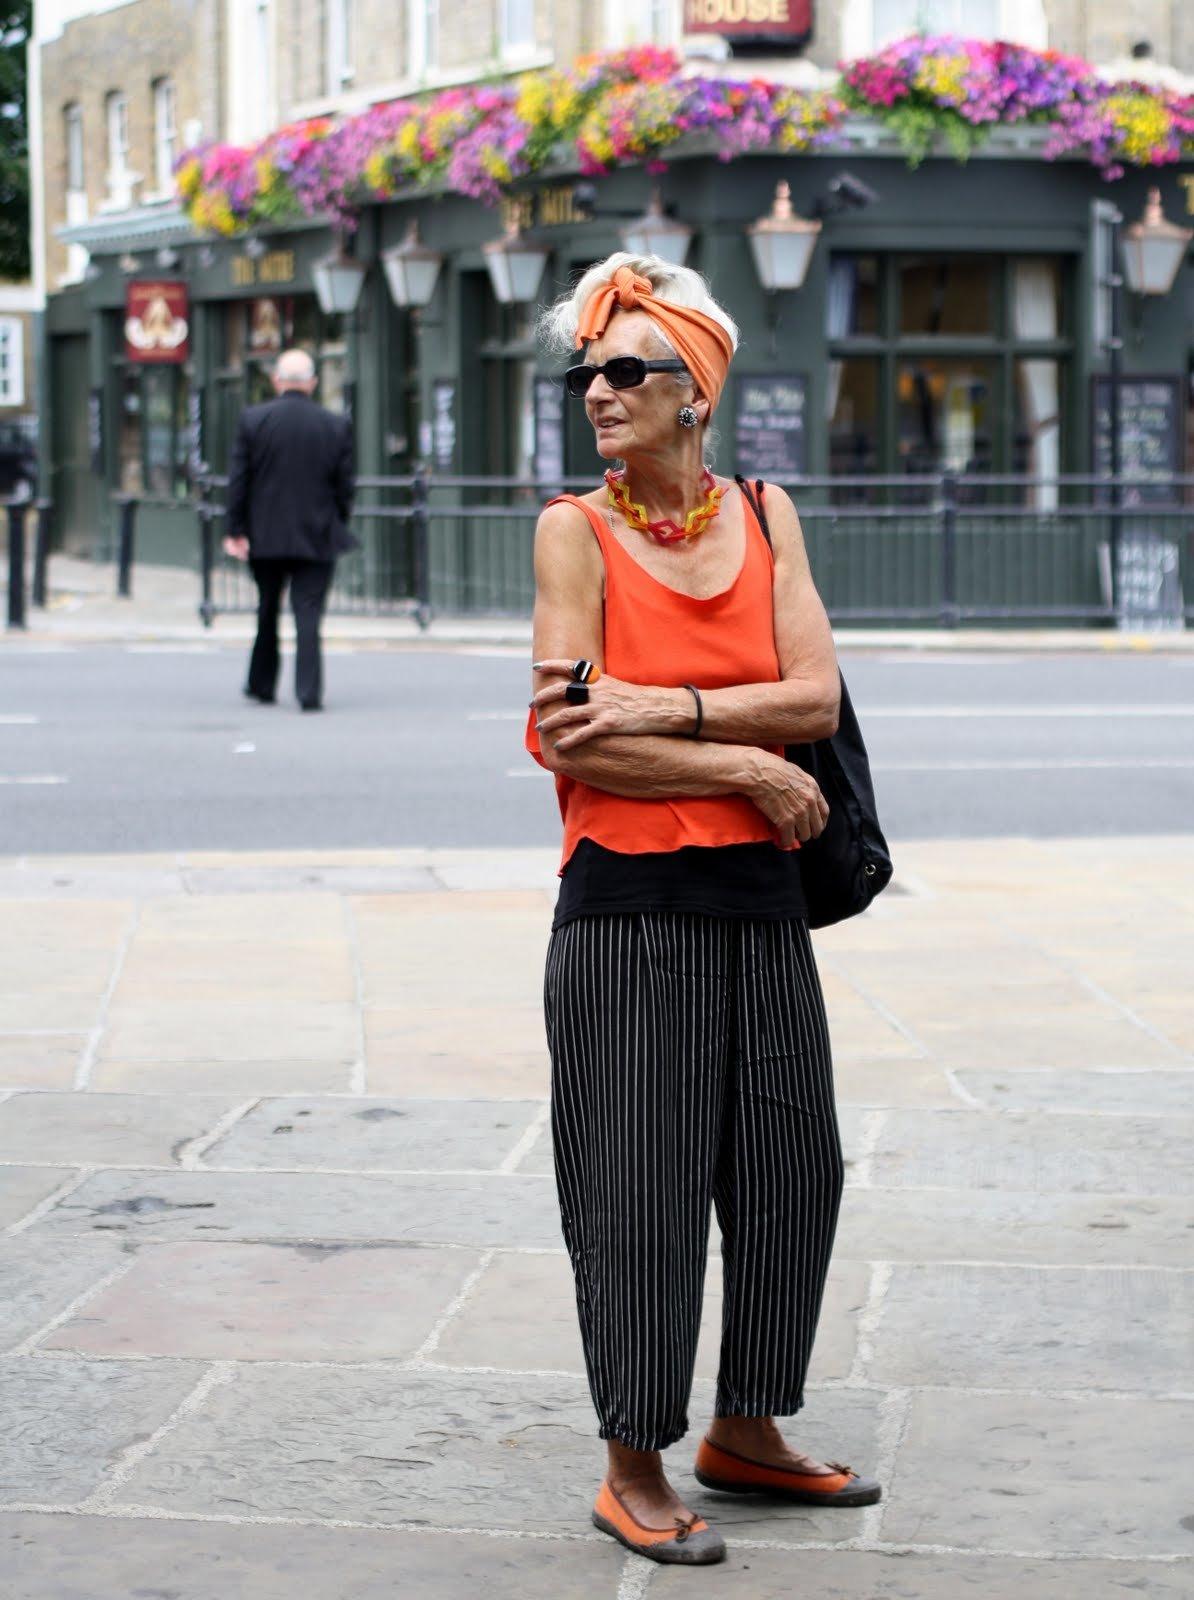 неприятна пожилая дама в брюках уже